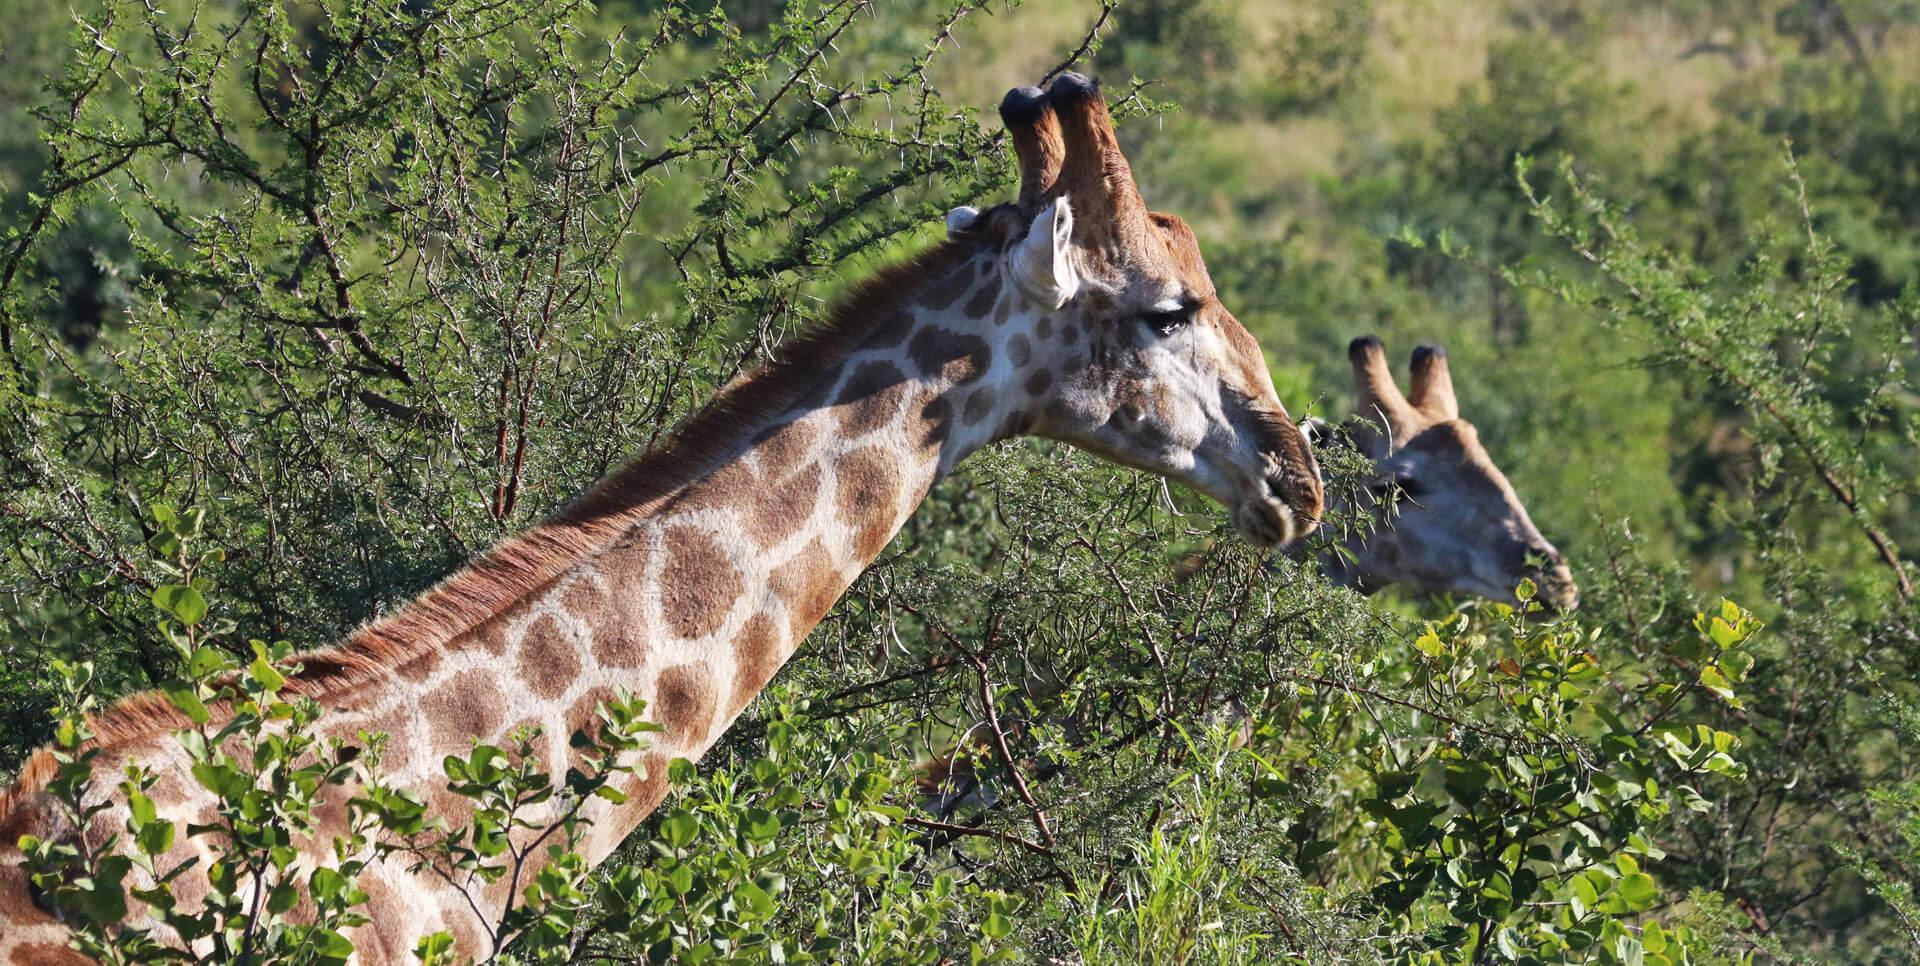 gorilla trekking rwanda, gorillas in rwanda, rwanda gorillas, wildlife safaris rwanda, uganda tours and safaris, uganda tour packages, rwanda chimpanzee tracking, chimp trekking in rwanda and uganda, visit rwanda, tour rwanda, travel rwanda, holidays in Rwanda, vacation in rwanda, safaris in rwanda, rwanda tours and travel, trip to rwanda, safari to rwanda, wildlife safaris in Rwanda, amazing rwanda, beautiful rwanda, rwanda gorilla trip, gorilla habituation experience, gorilla trekking tours, mountain gorillas, trekking safaris in rwanda, uganda trekking tours, gorilla adventure tours, gorilla trek africa, jungle african adventure